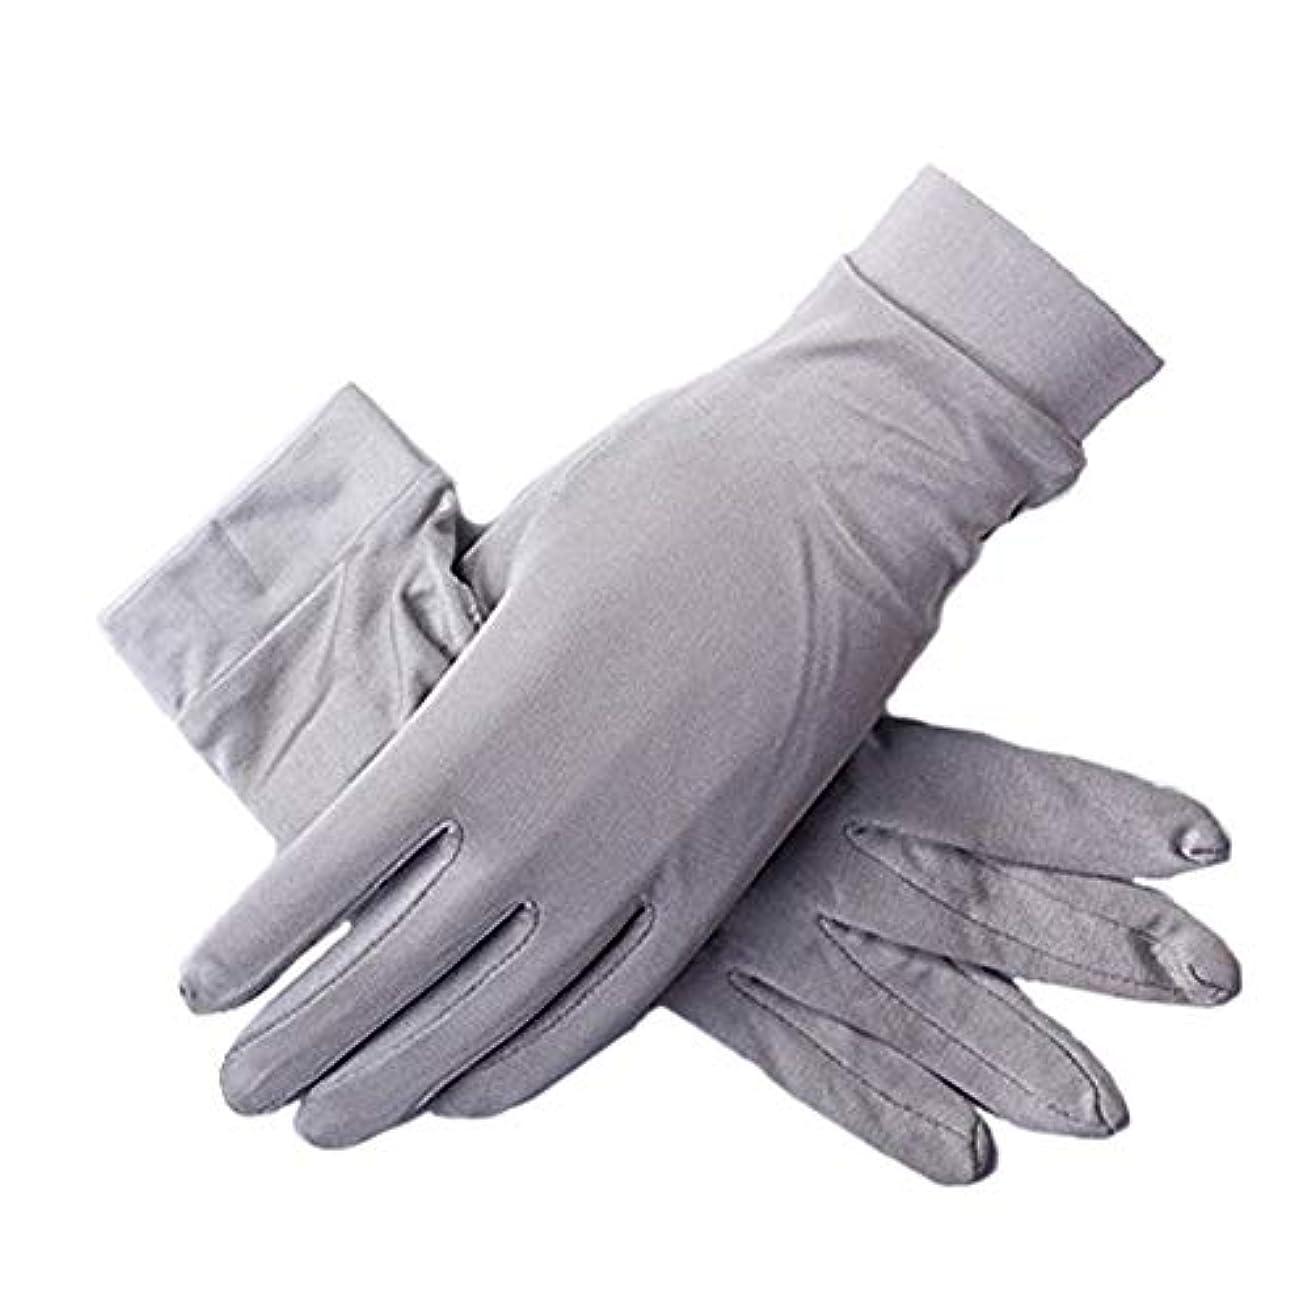 看板インシデント出演者シルク手袋手袋 シルク uvカット おやすみ 手触りが良い 紫外線 日焼け防止 手荒い 保湿 夏 ハンド ケア レディースメンズ